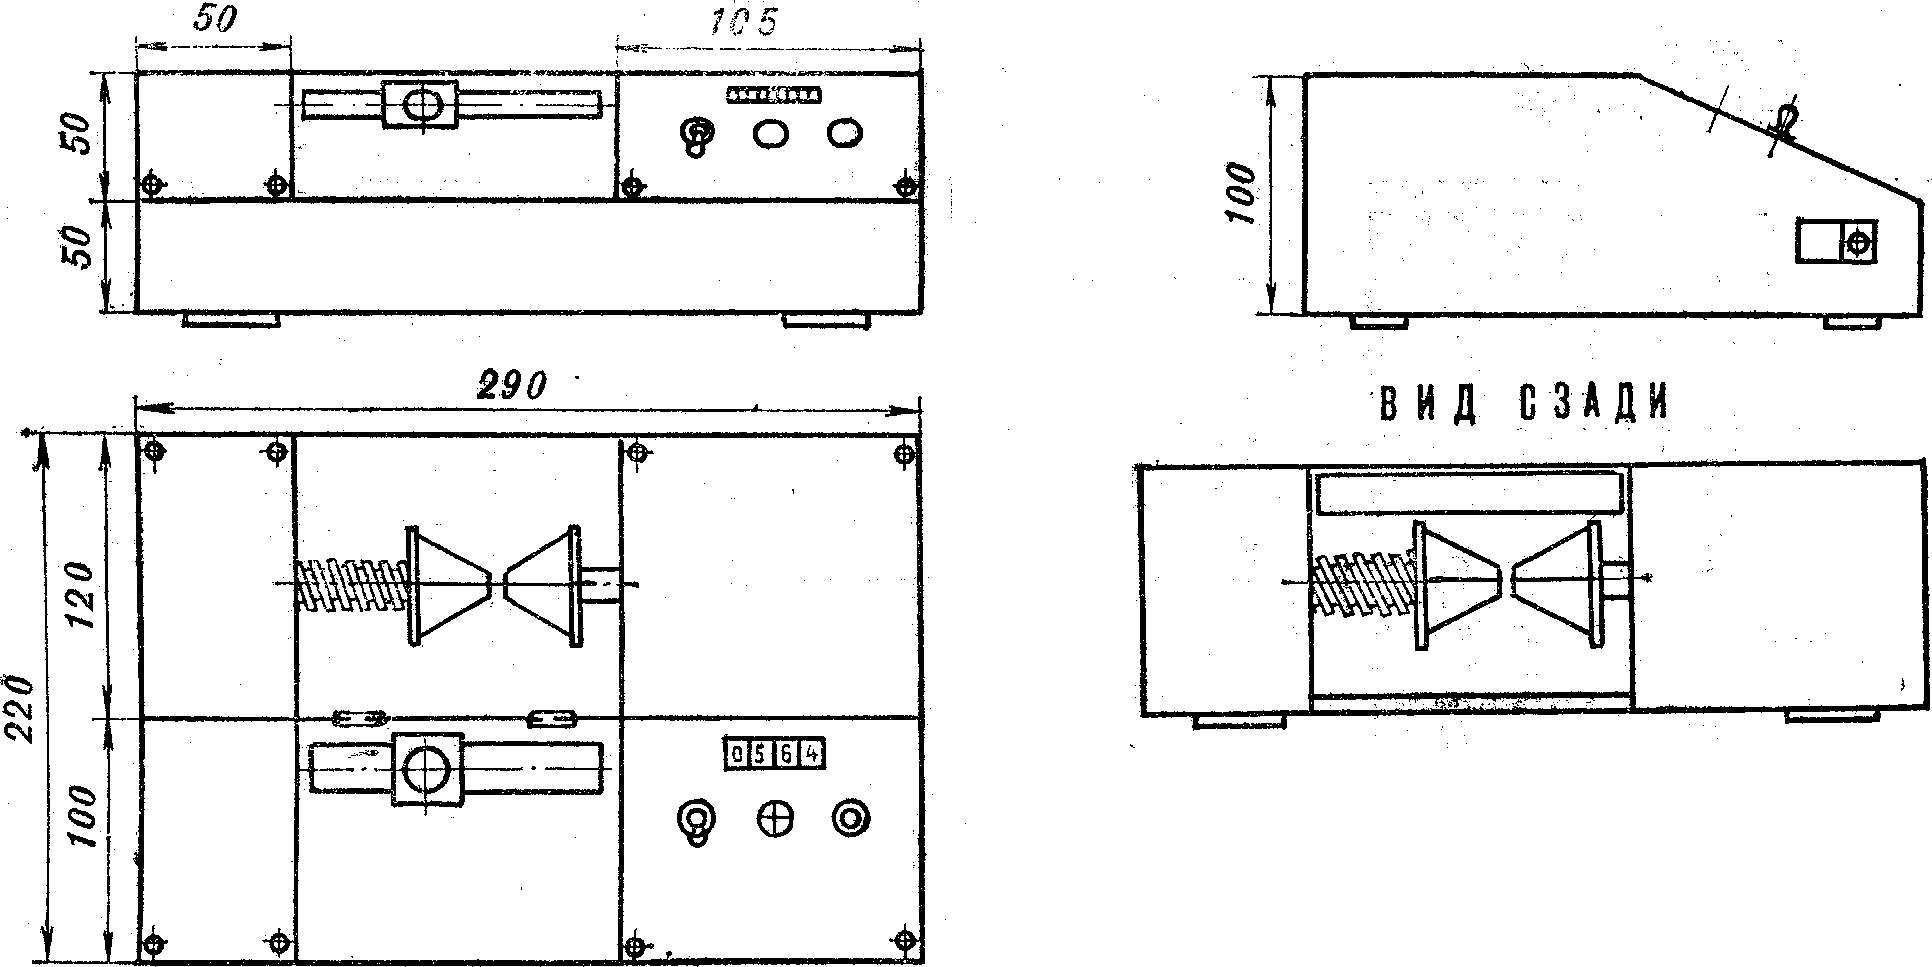 Рис. 2. Схема станка и его основные размеры.